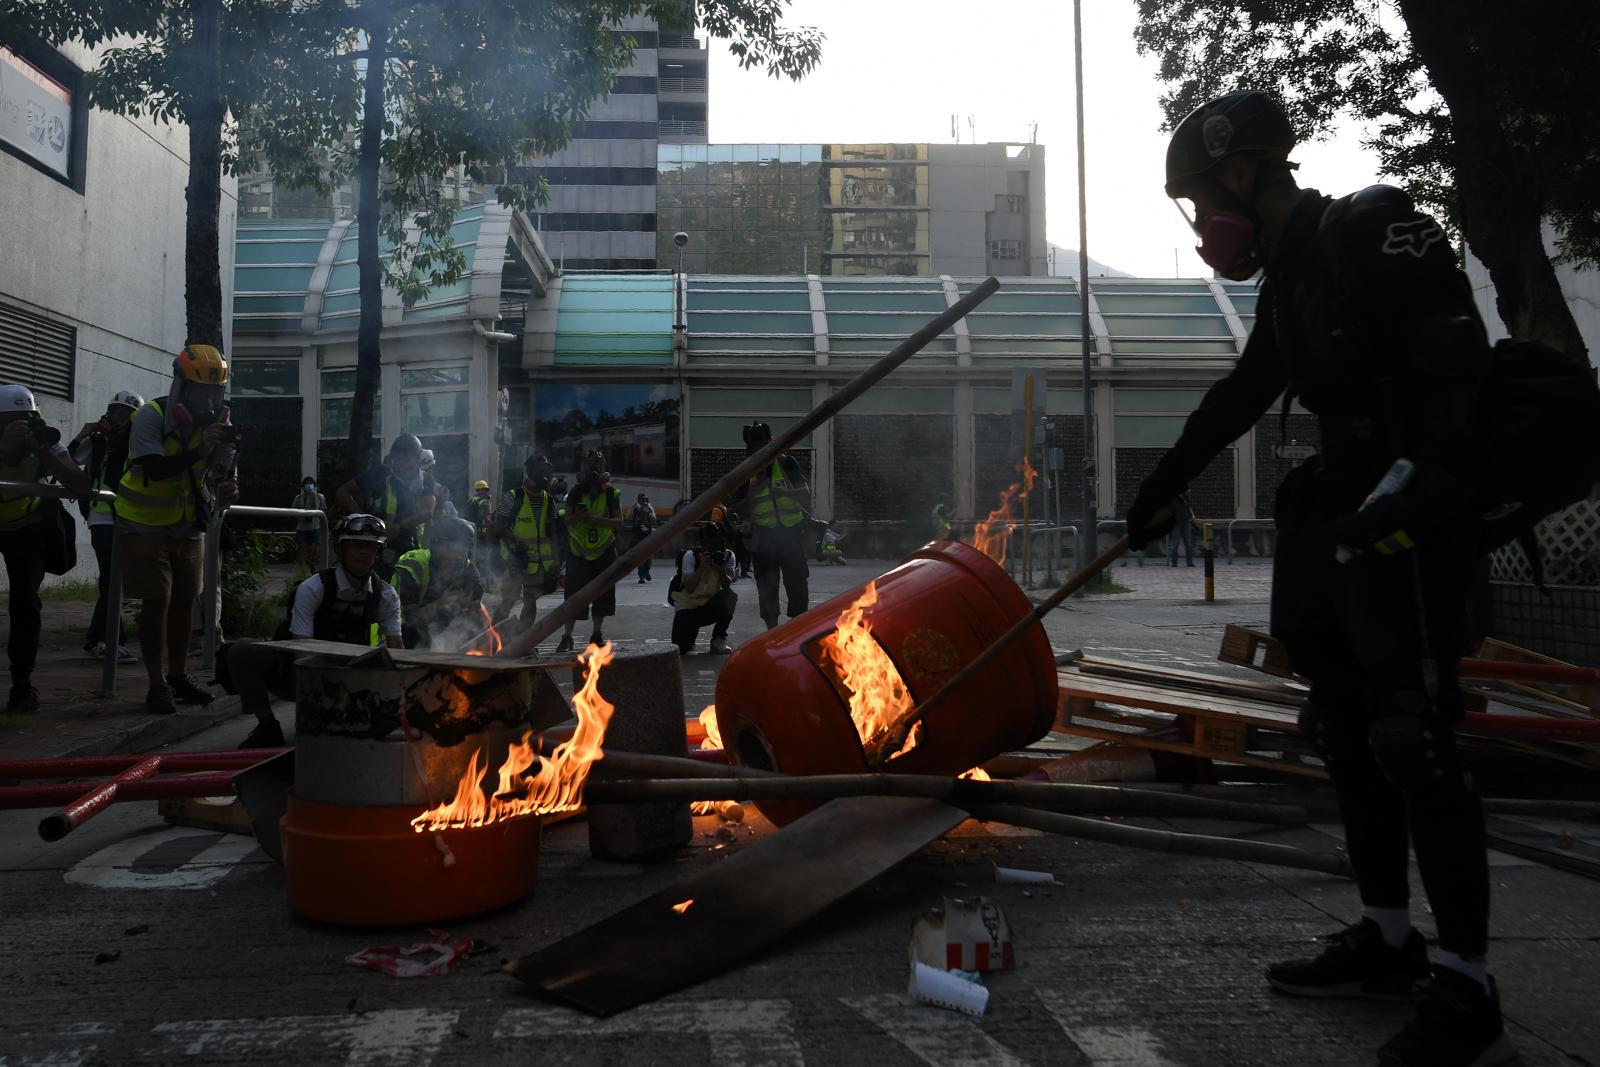 【修例风波】政府强烈谴责暴力及破坏行为 指有人试图抢枪